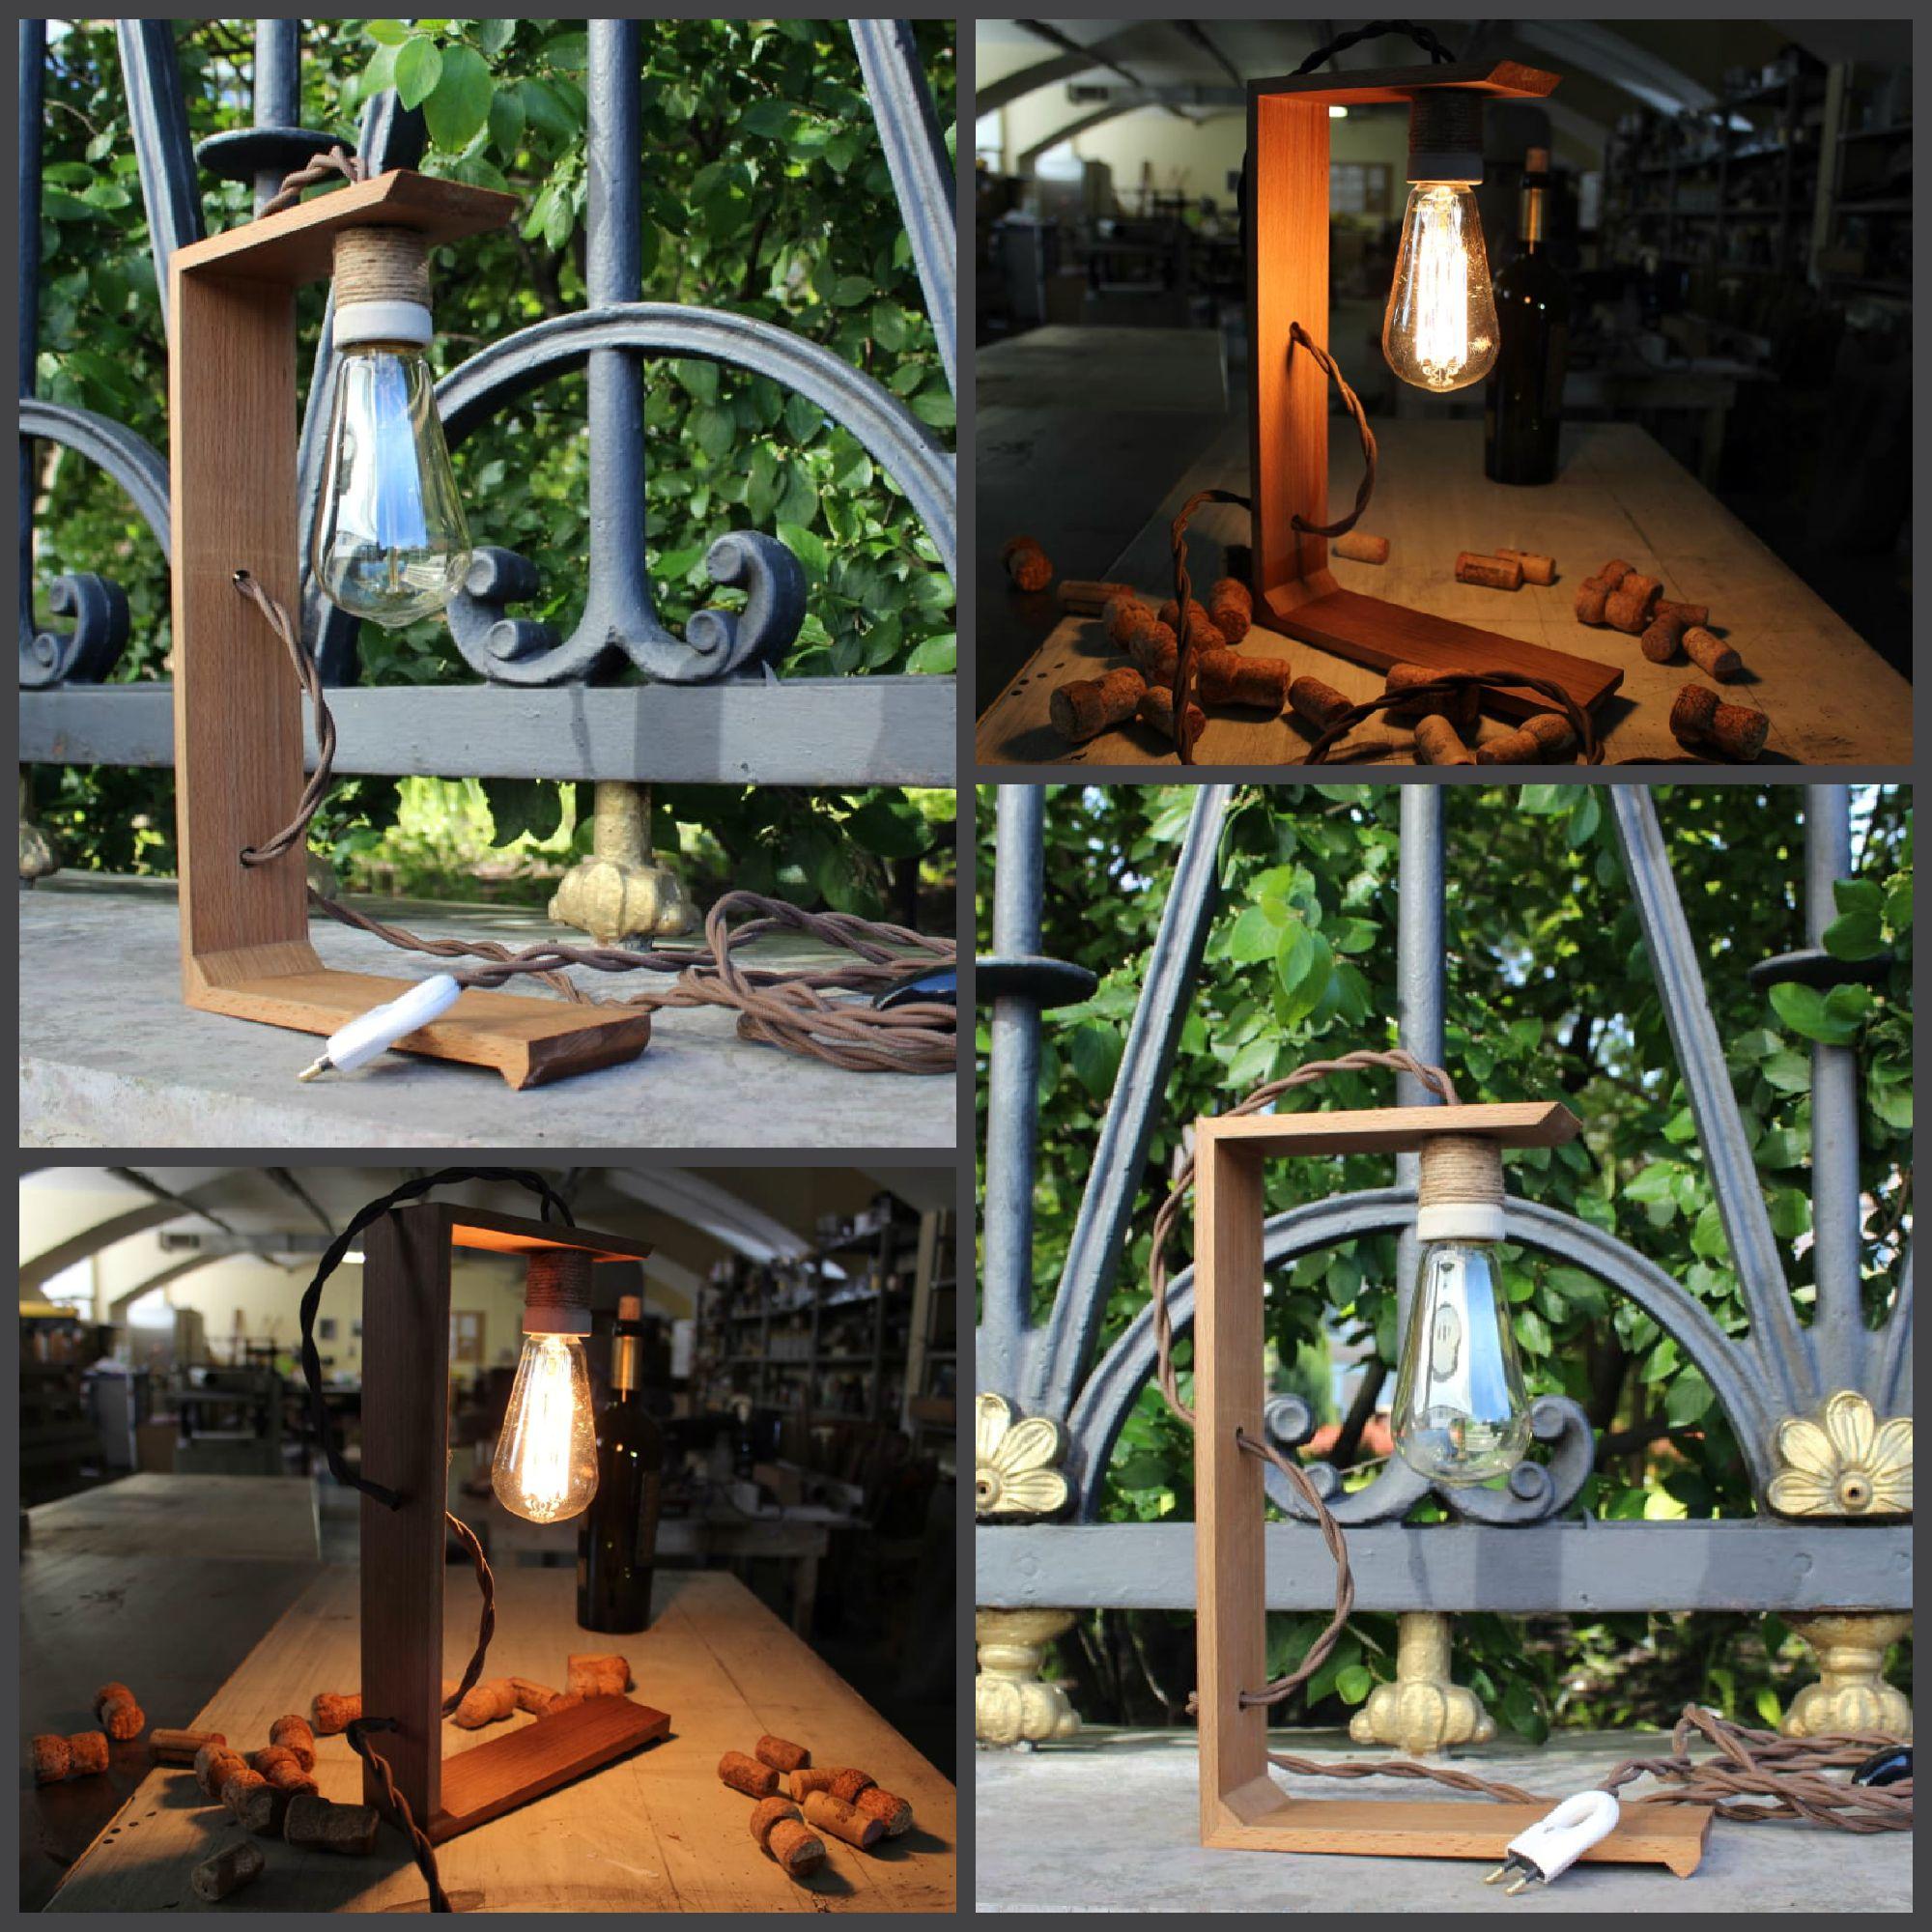 мебель длядома интерьер лофт nightlight loftdesign loftstyle лофтдизайн лофтмебель мебельдлядома ресторан theloft длядачи barbershop lamp бар подарок светильники кафе мебельназаказ ночник дизайн loft дуб